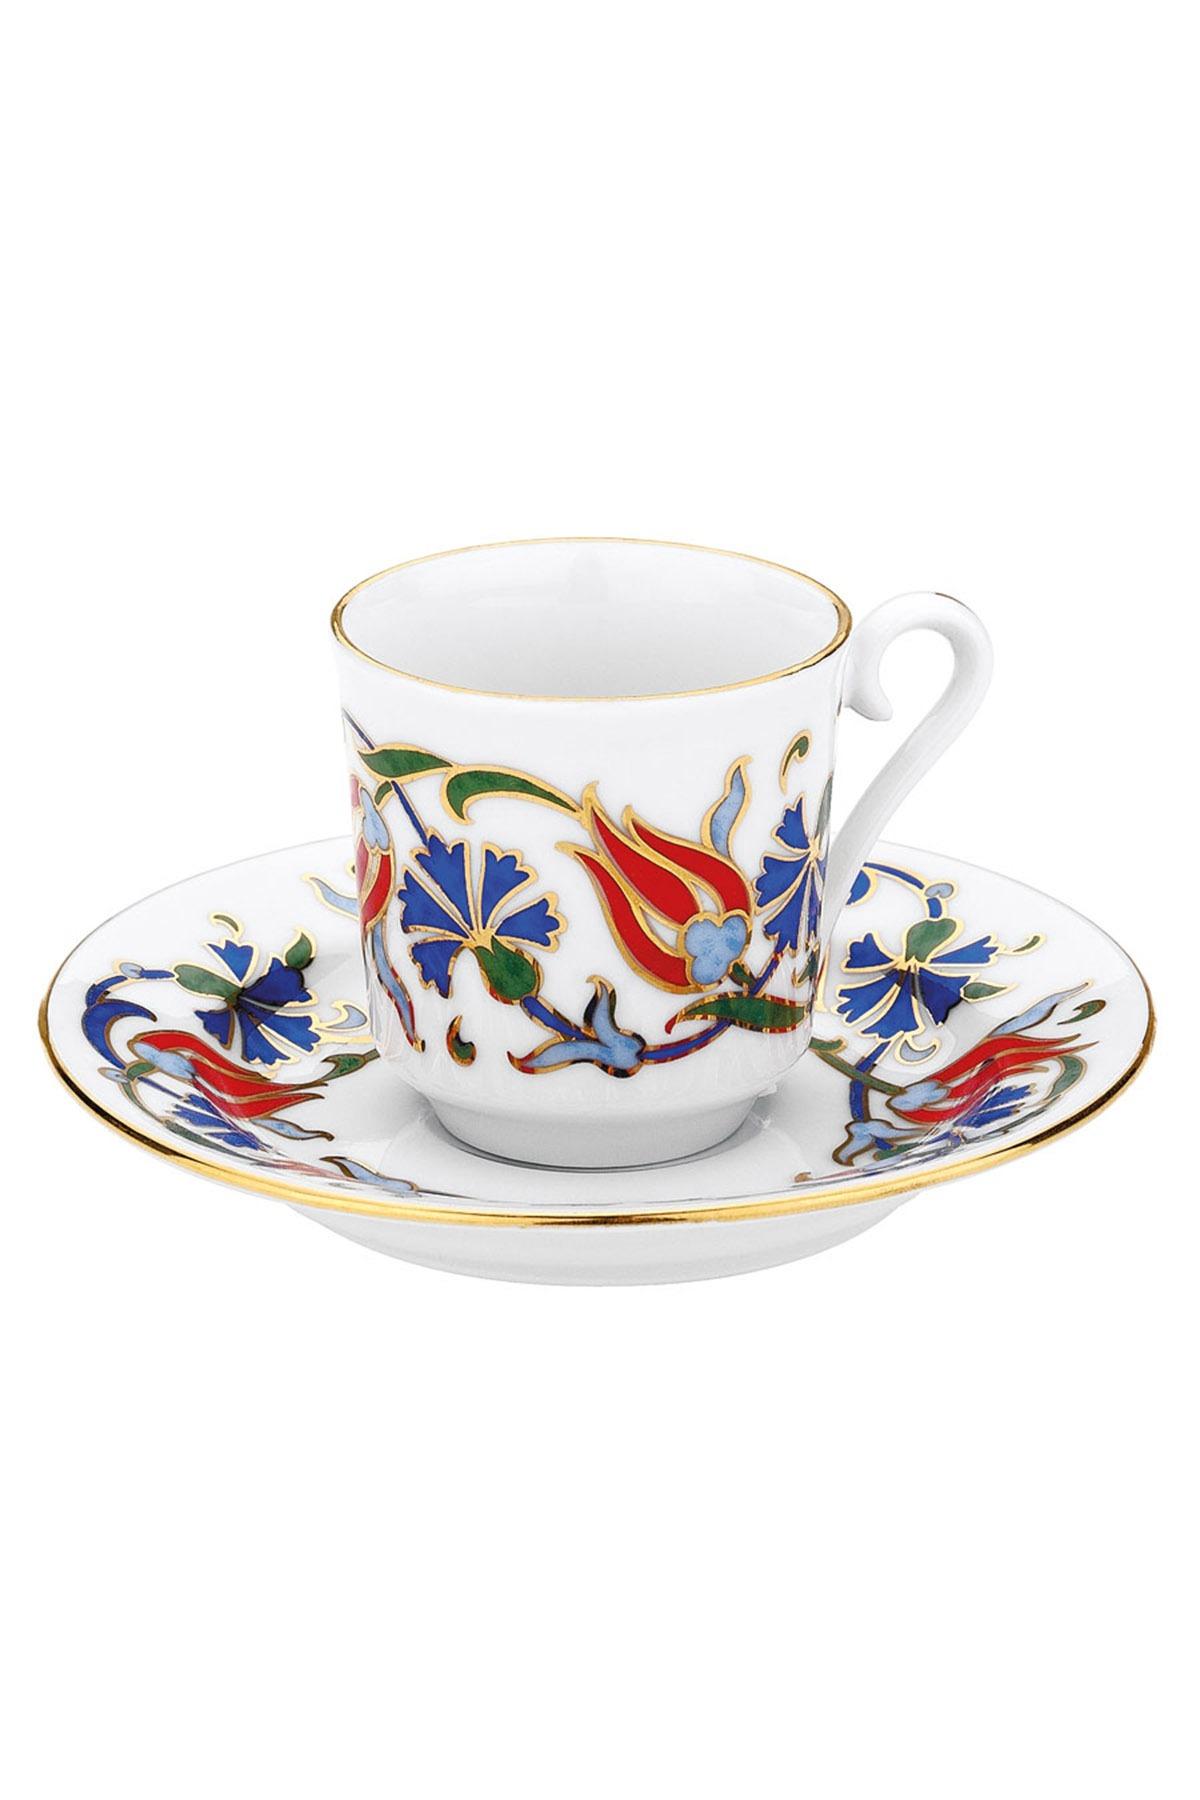 KÜTAHYA PORSELEN - Kütahya Porselen 460 Desen Kahve Fincan Takımı